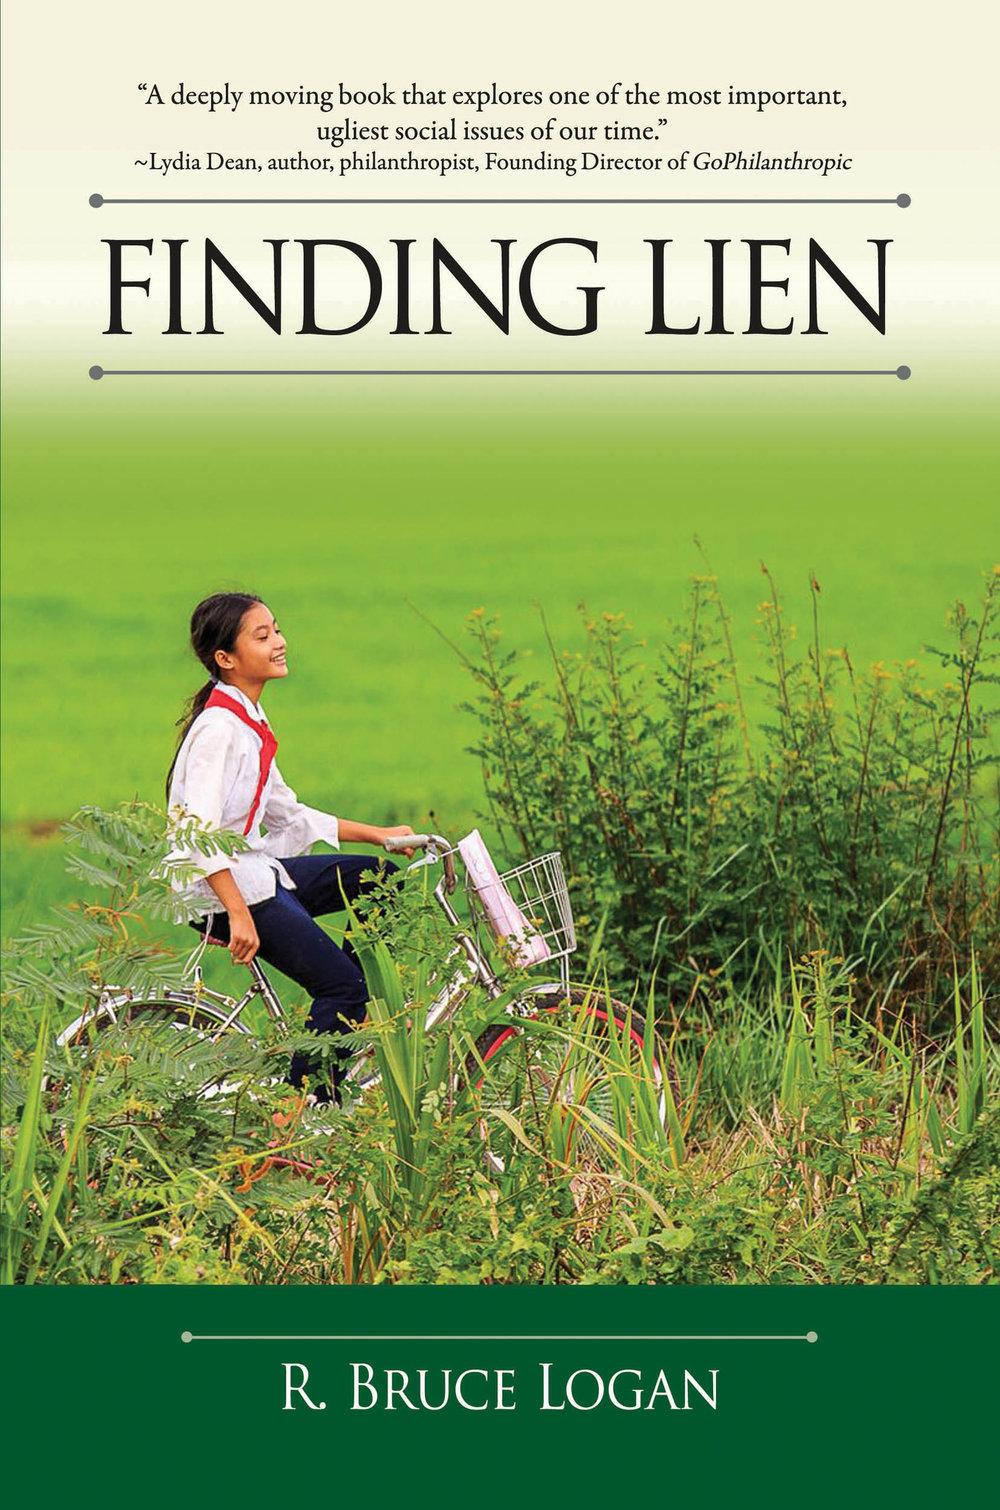 Finding Lien eimage.jpg